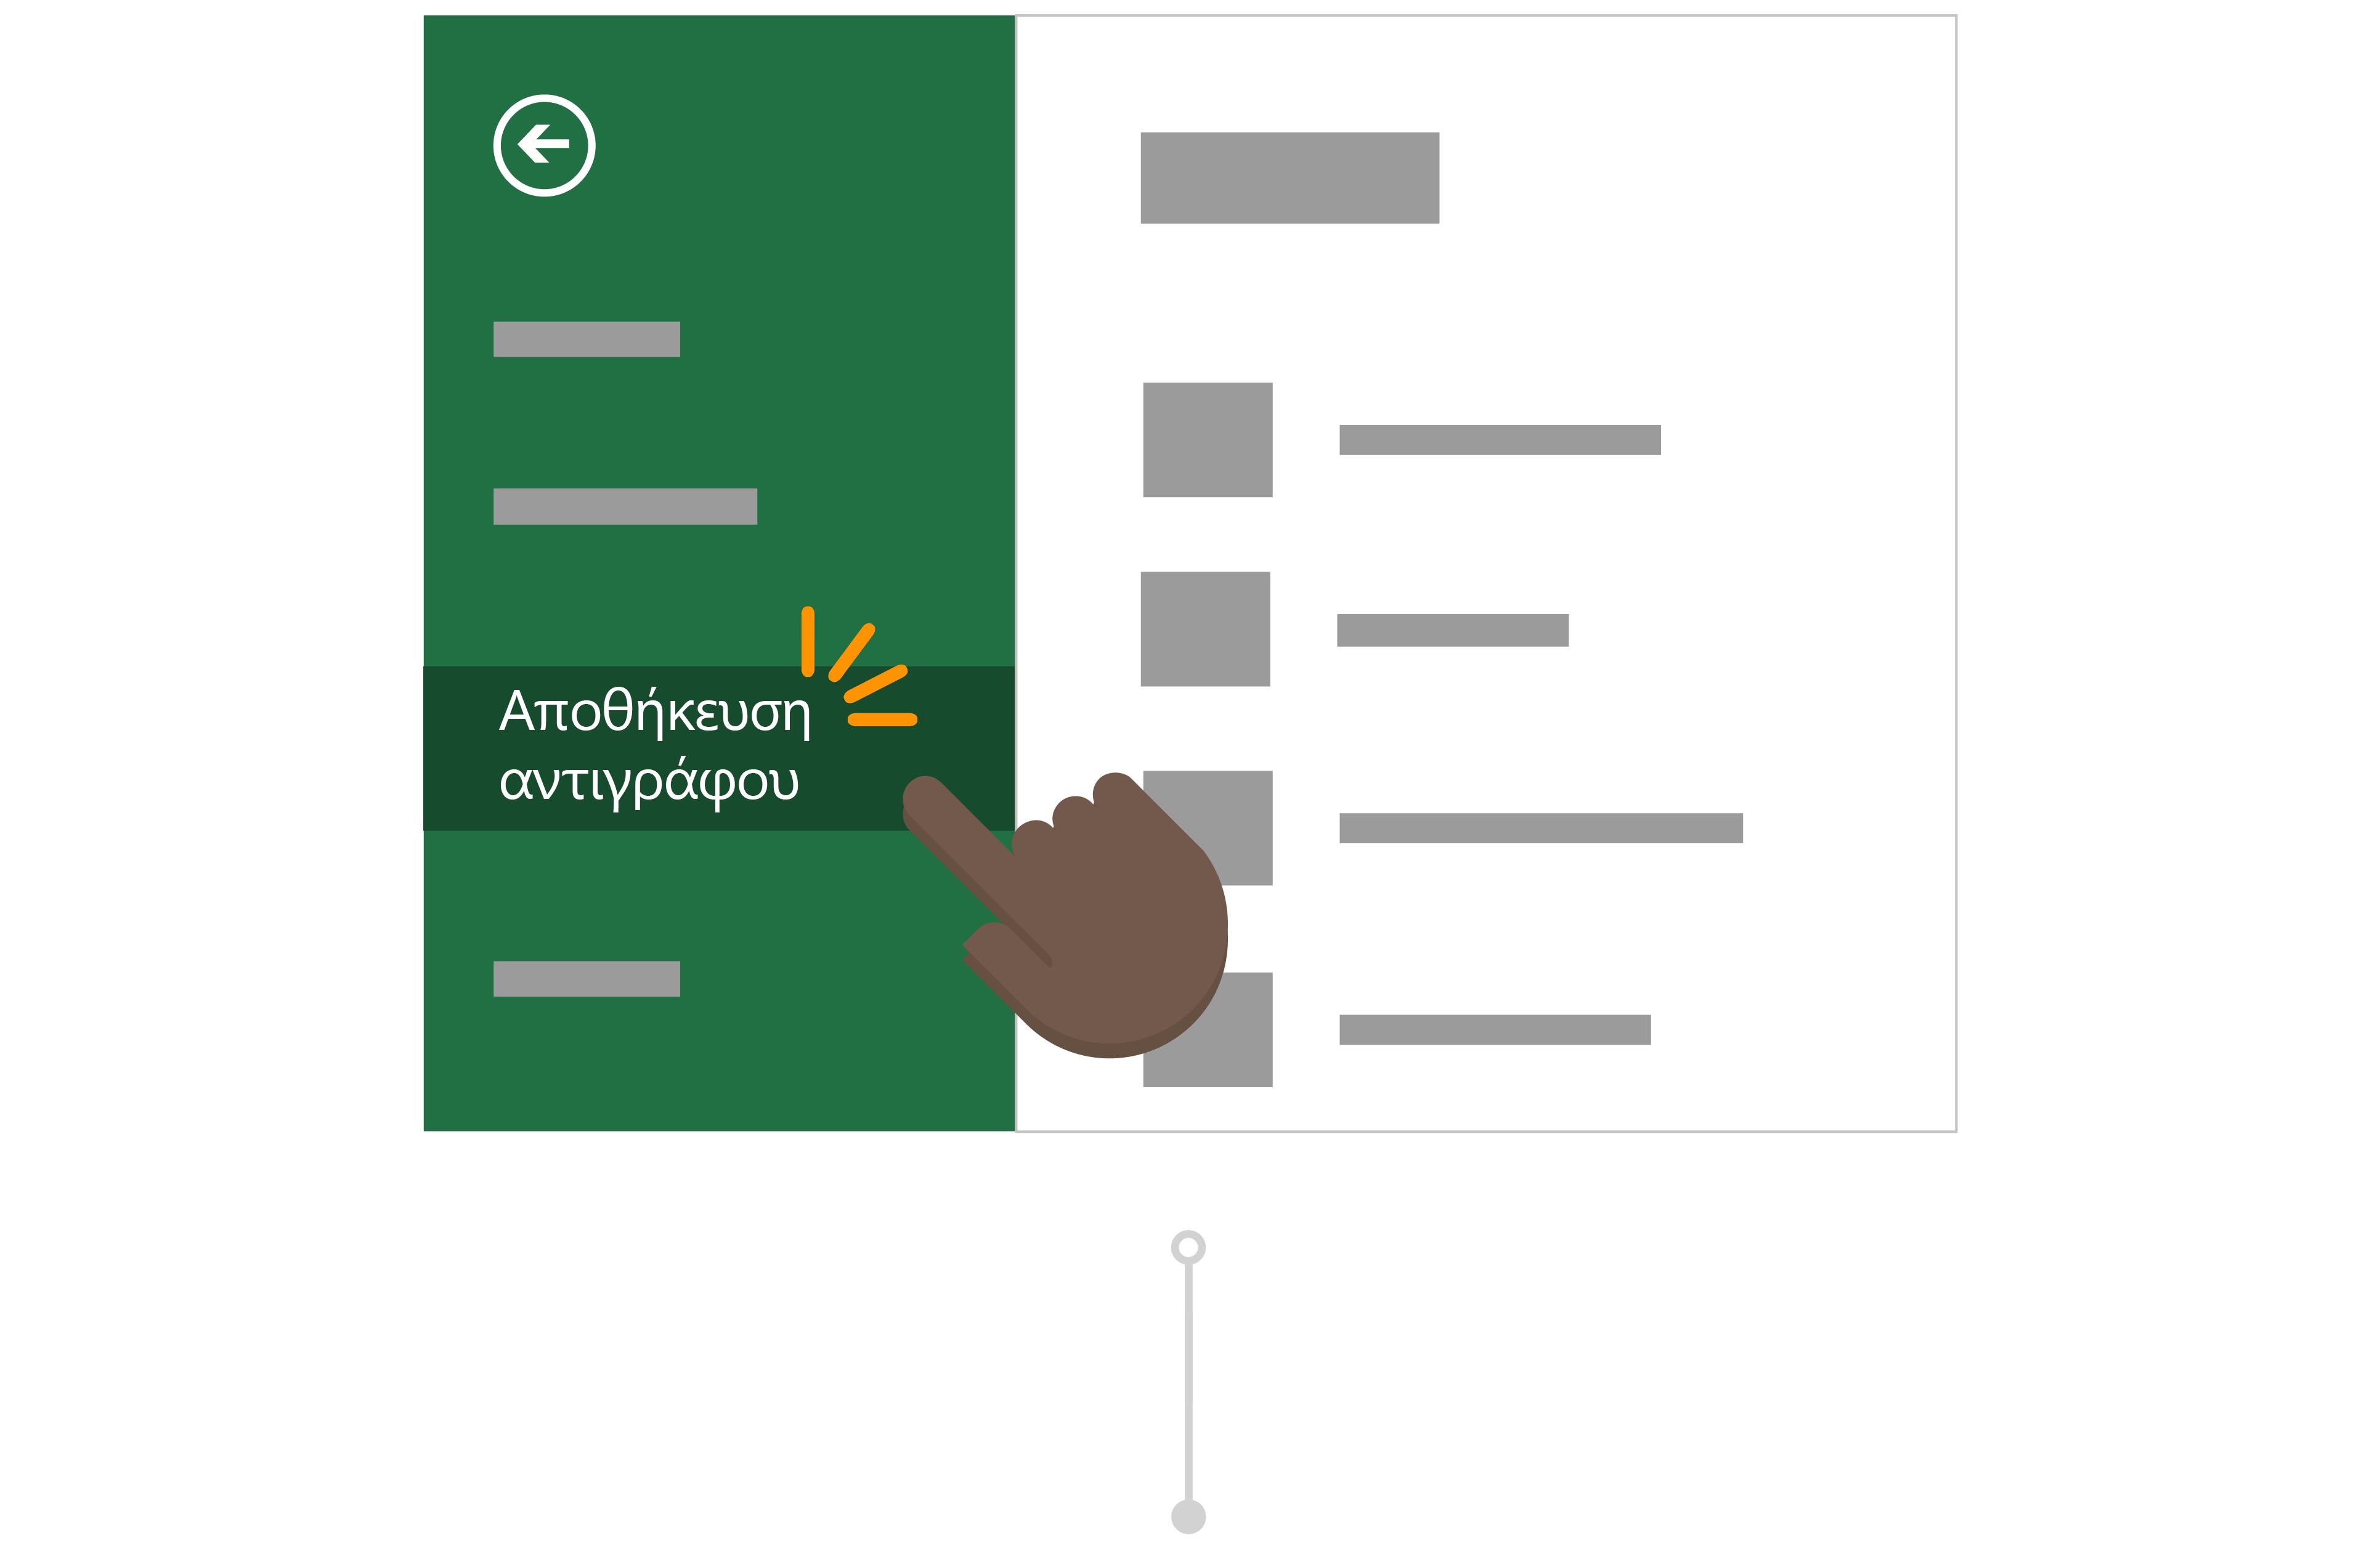 Για να προσθέσετε χρησιμοποιεί Αποθήκευση αντιγράφου για να αποθηκεύσετε δική του έκδοση της αναφοράς στο OneDrive του.